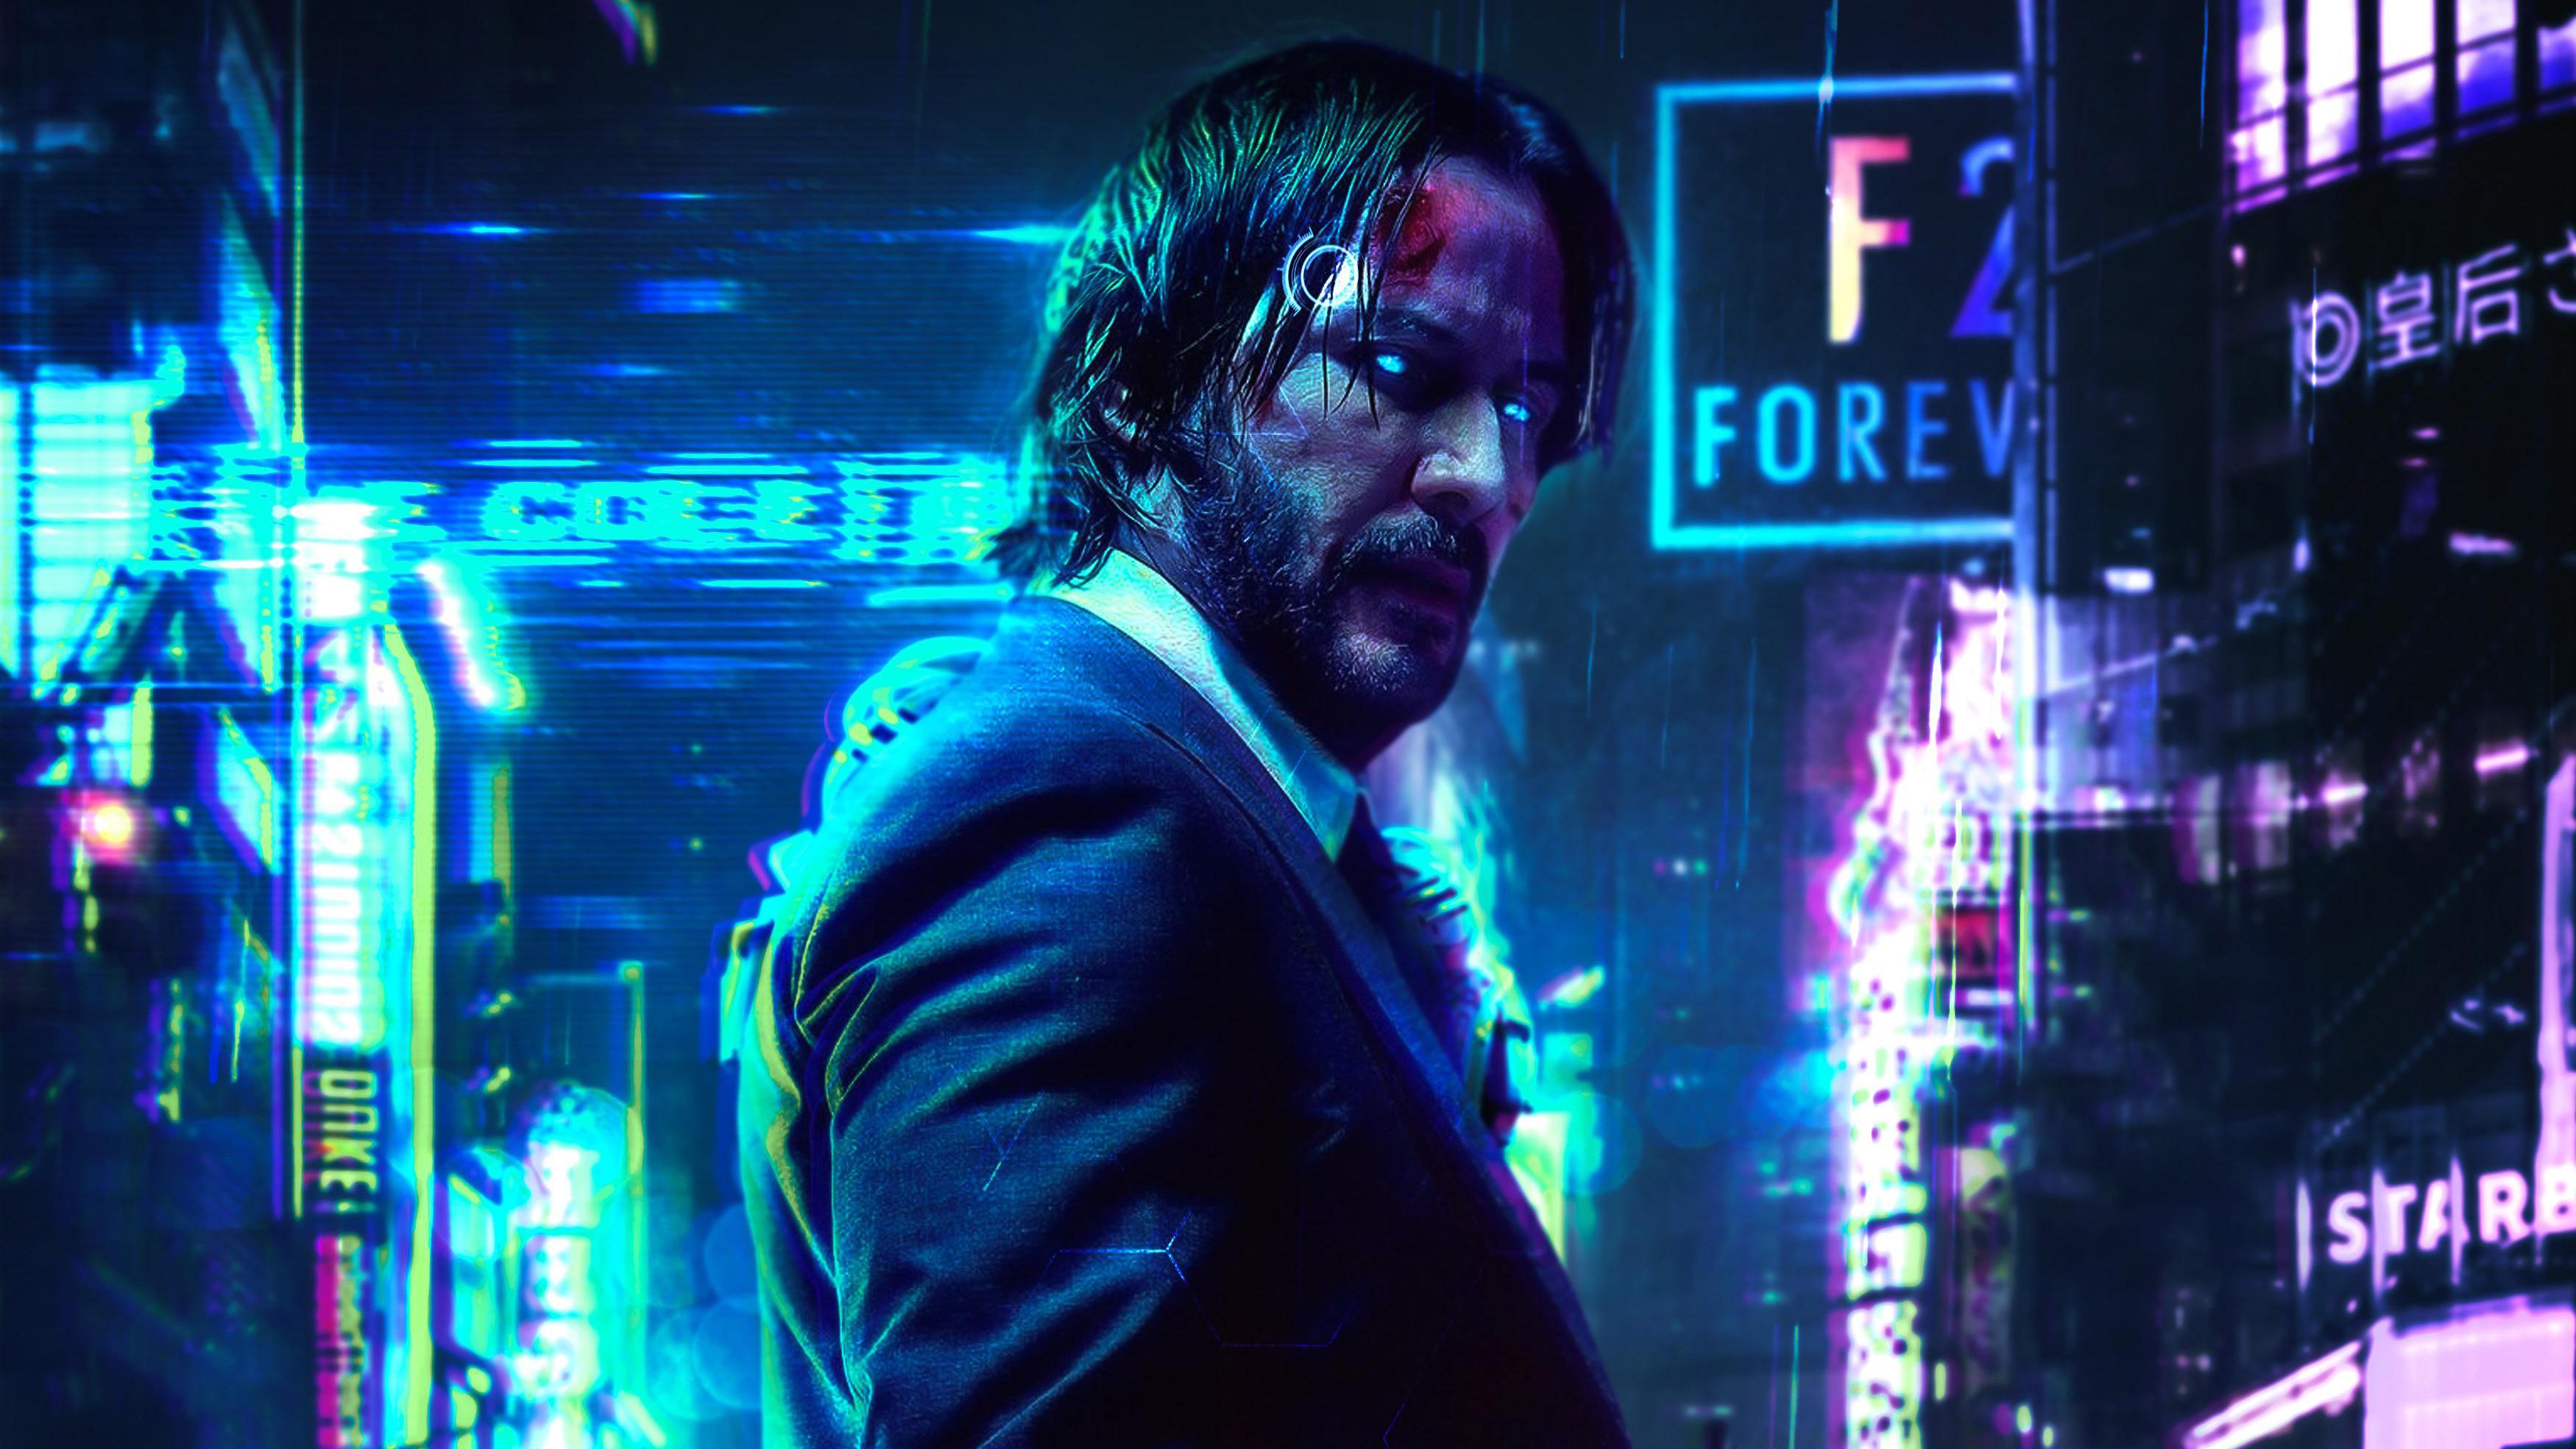 Keanu reeves cyberpunk 2077 fanart hd games 4k - Cyberpunk 2077 wallpaper 4k ...